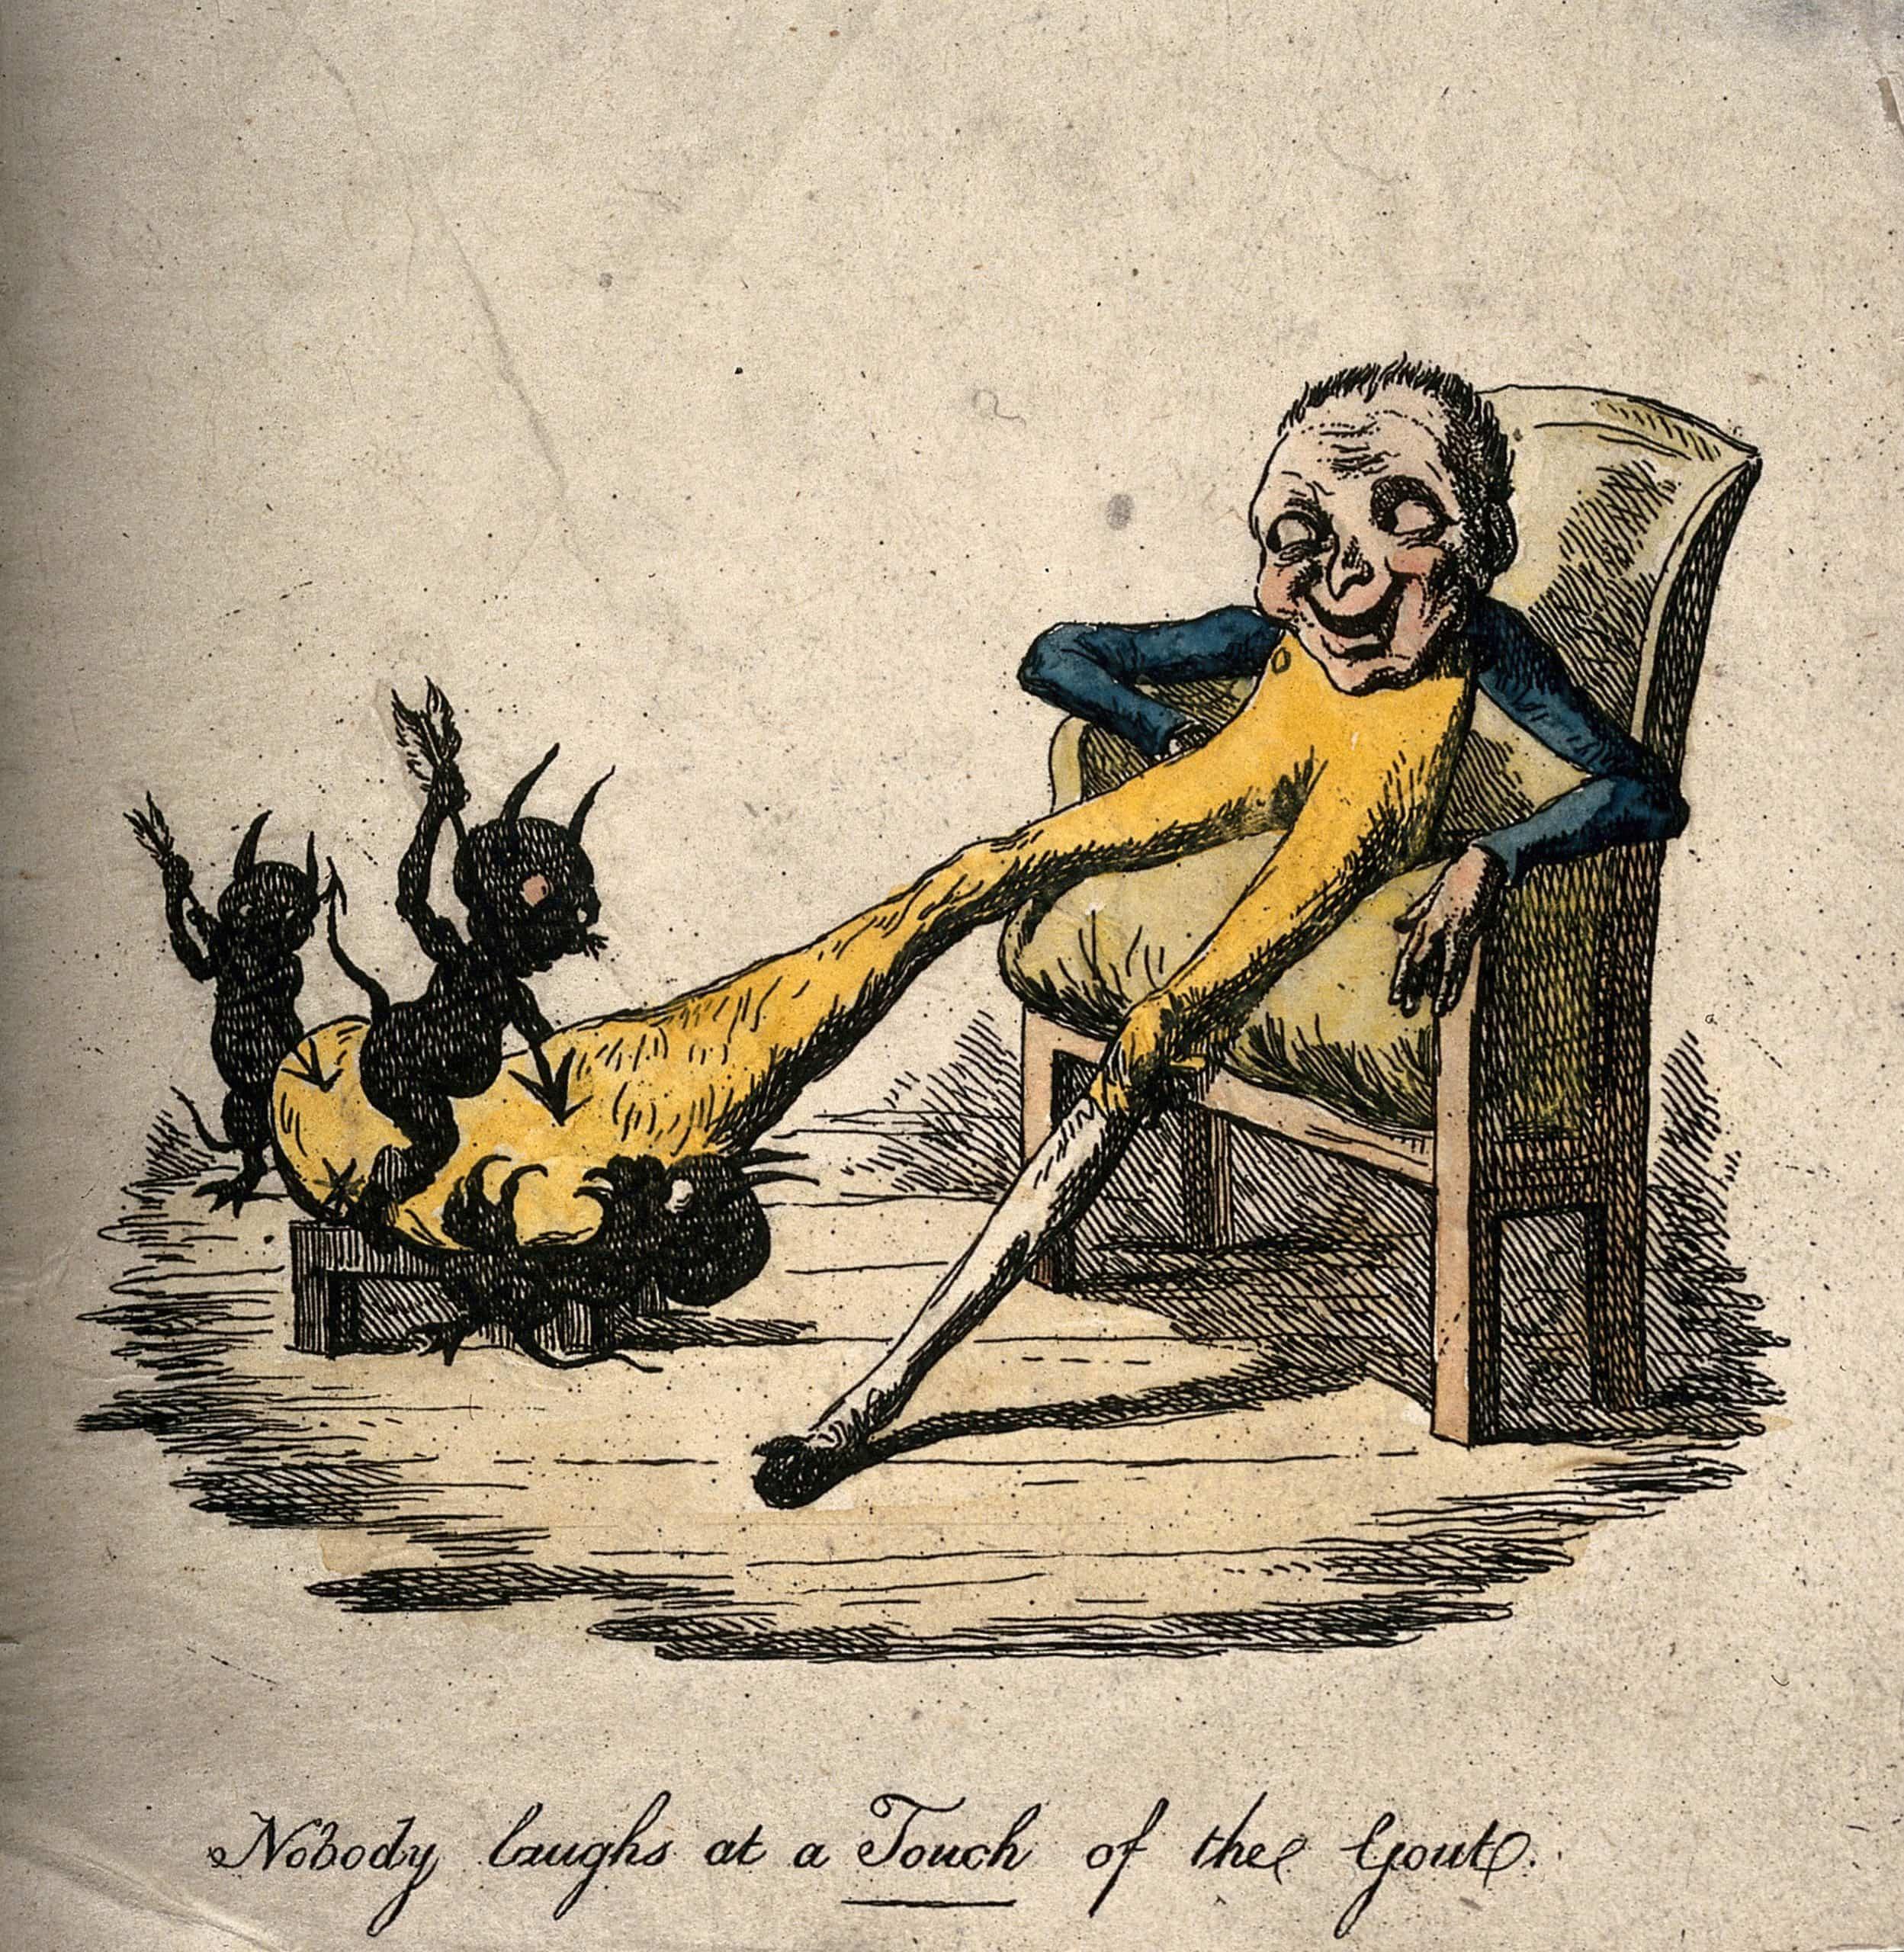 Gout: The Disease of Kings